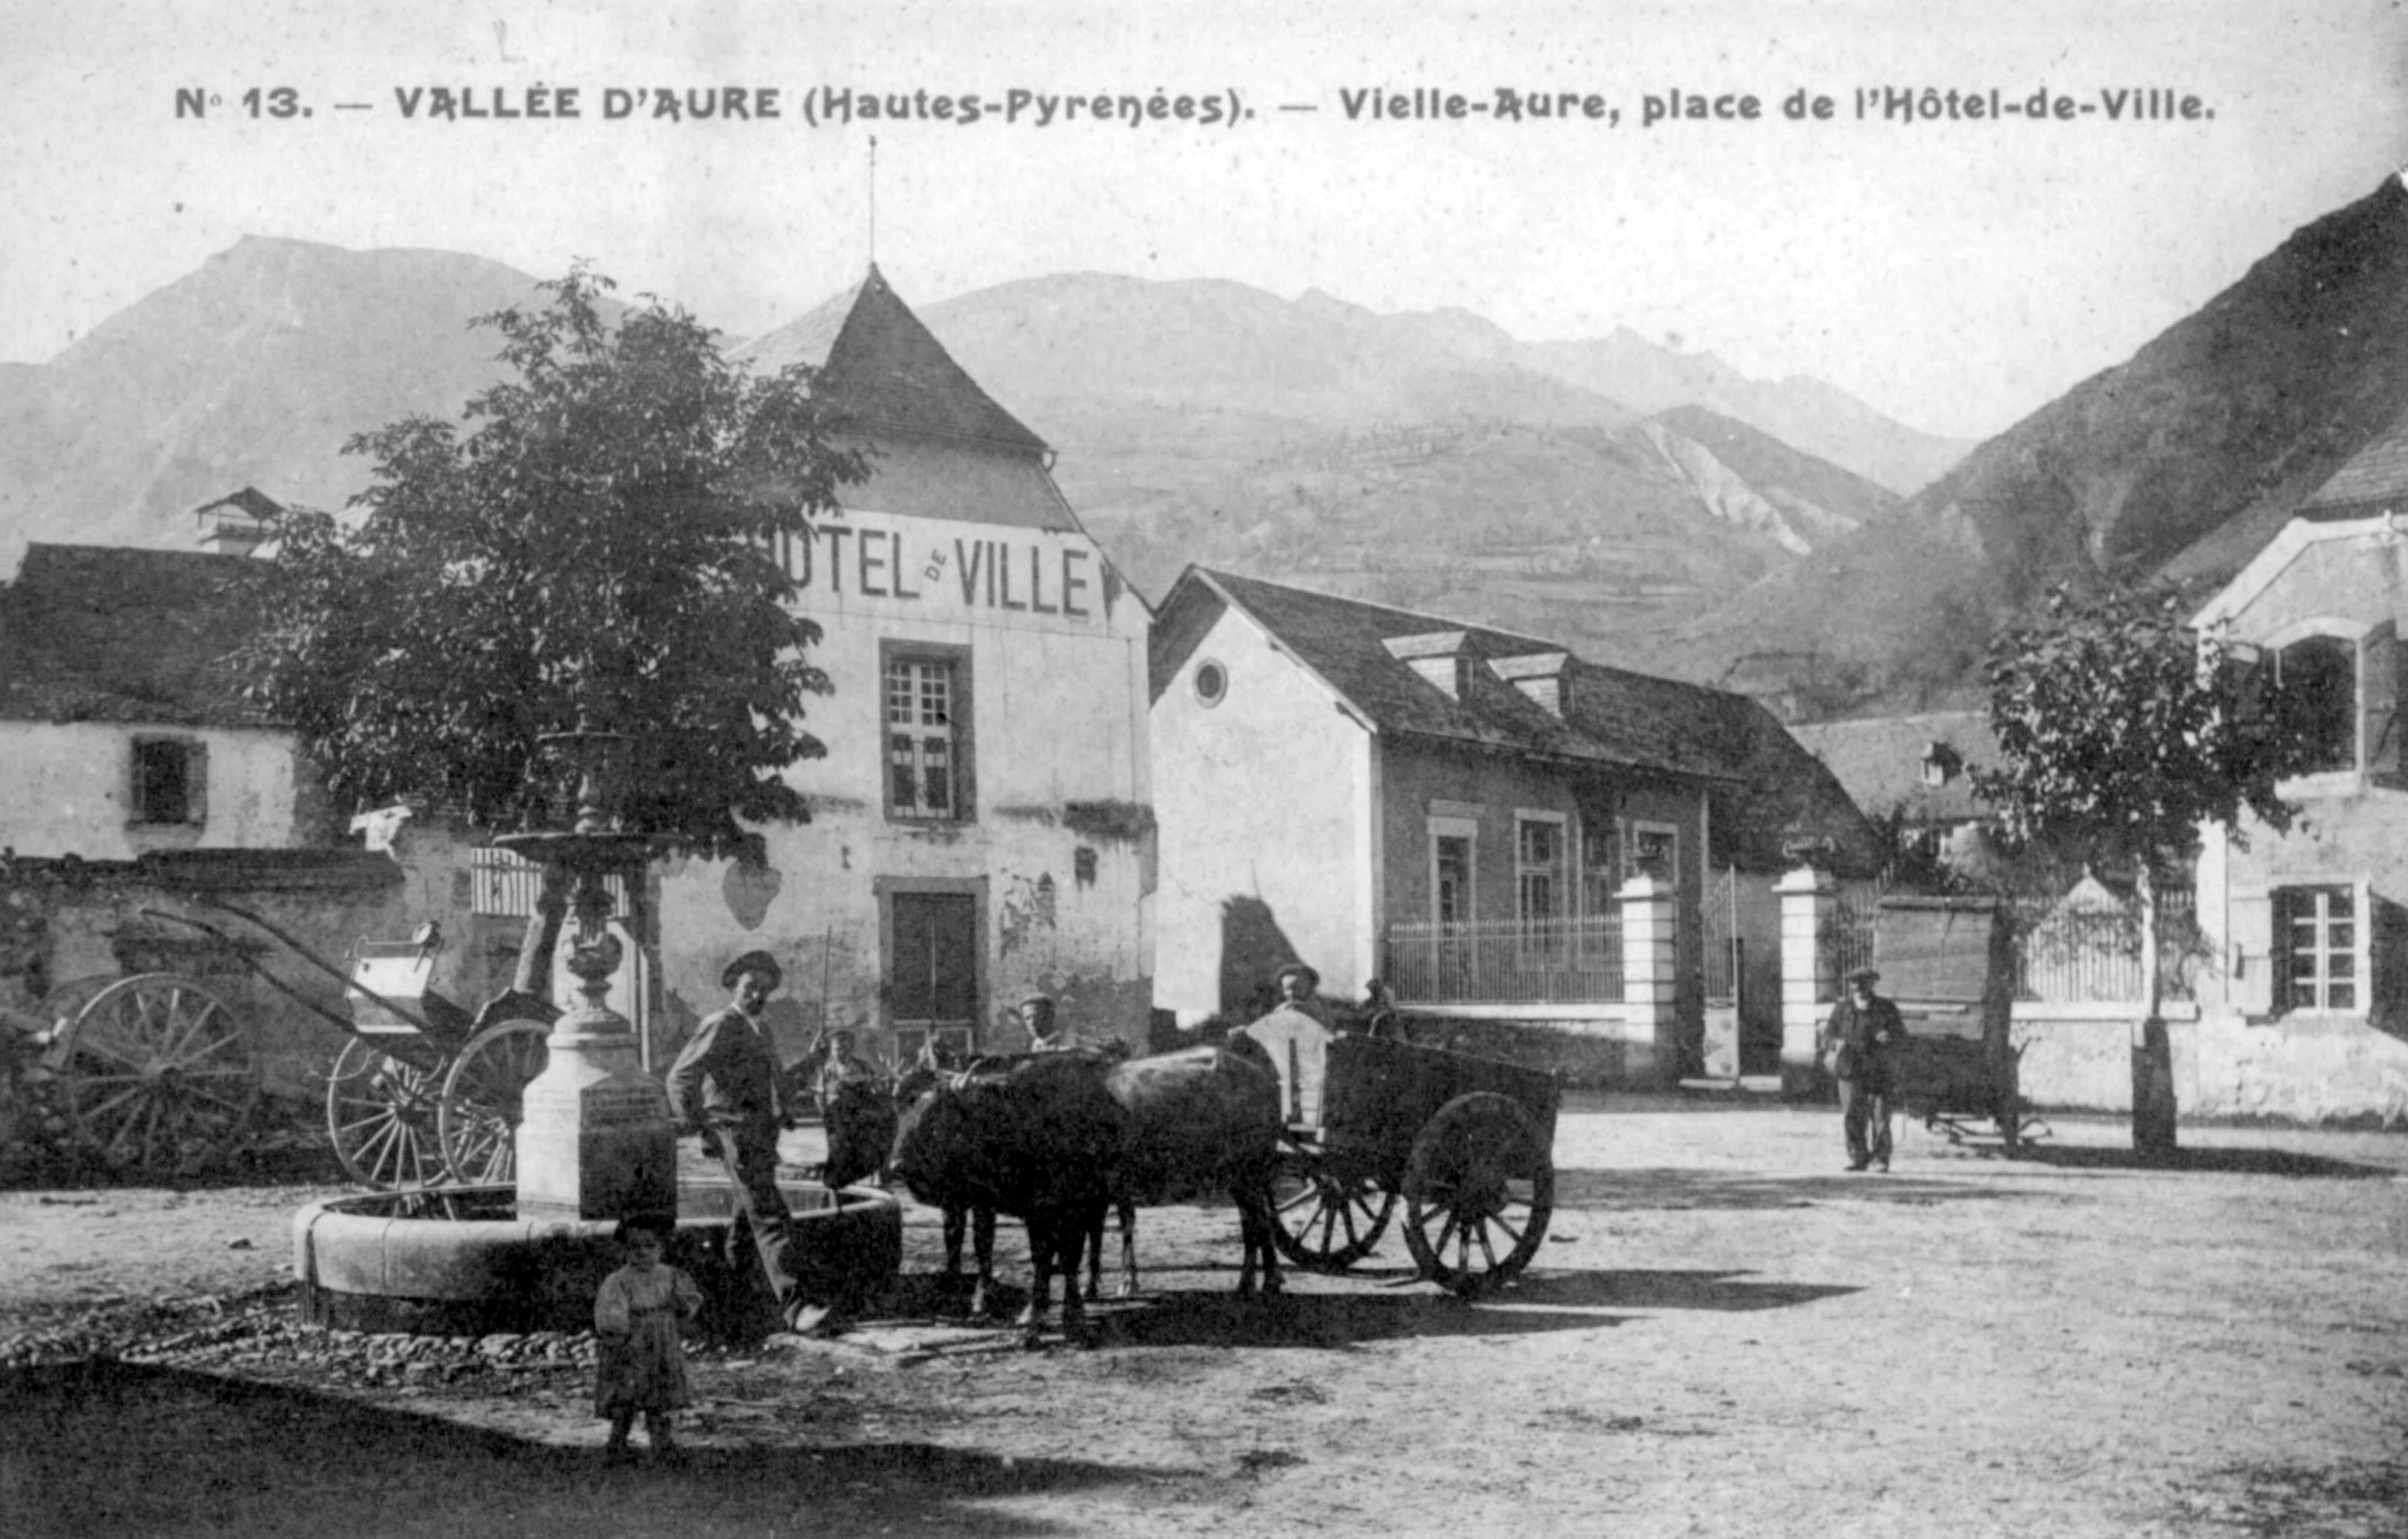 Sur la place de Vielle-Aure